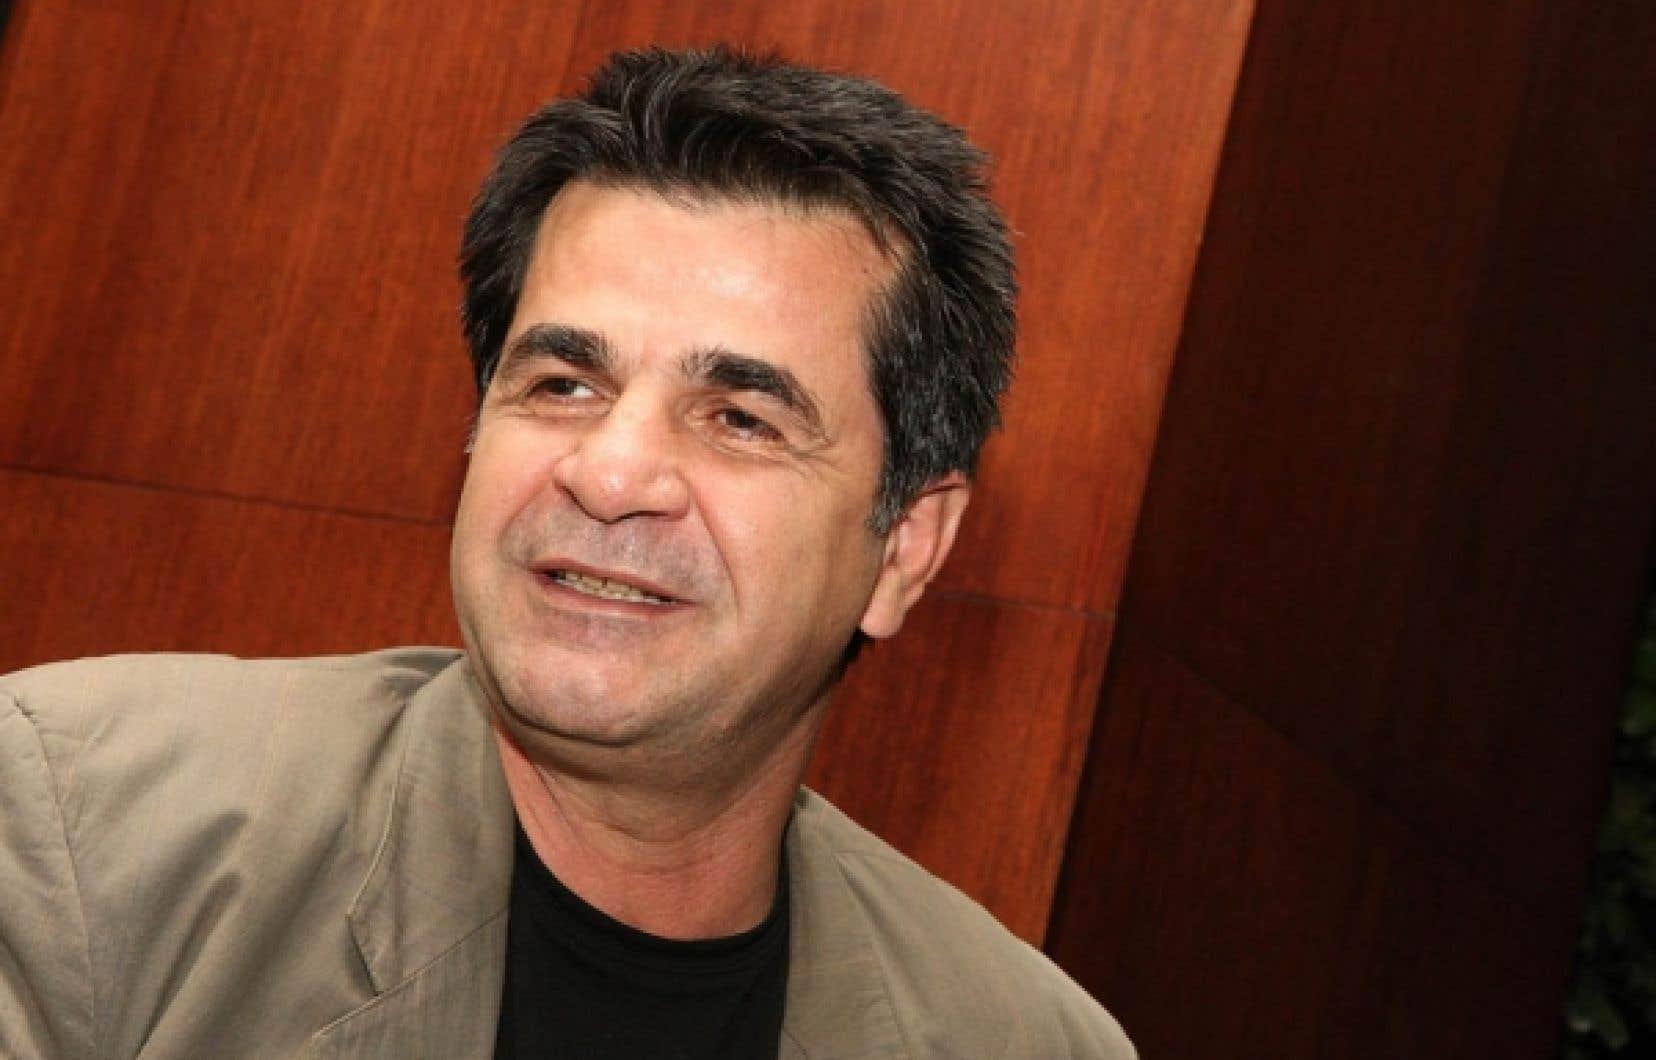 «Je veux être la voix de l'Iran dans le monde», confiait Jafar Panahi au Devoir en août dernier.